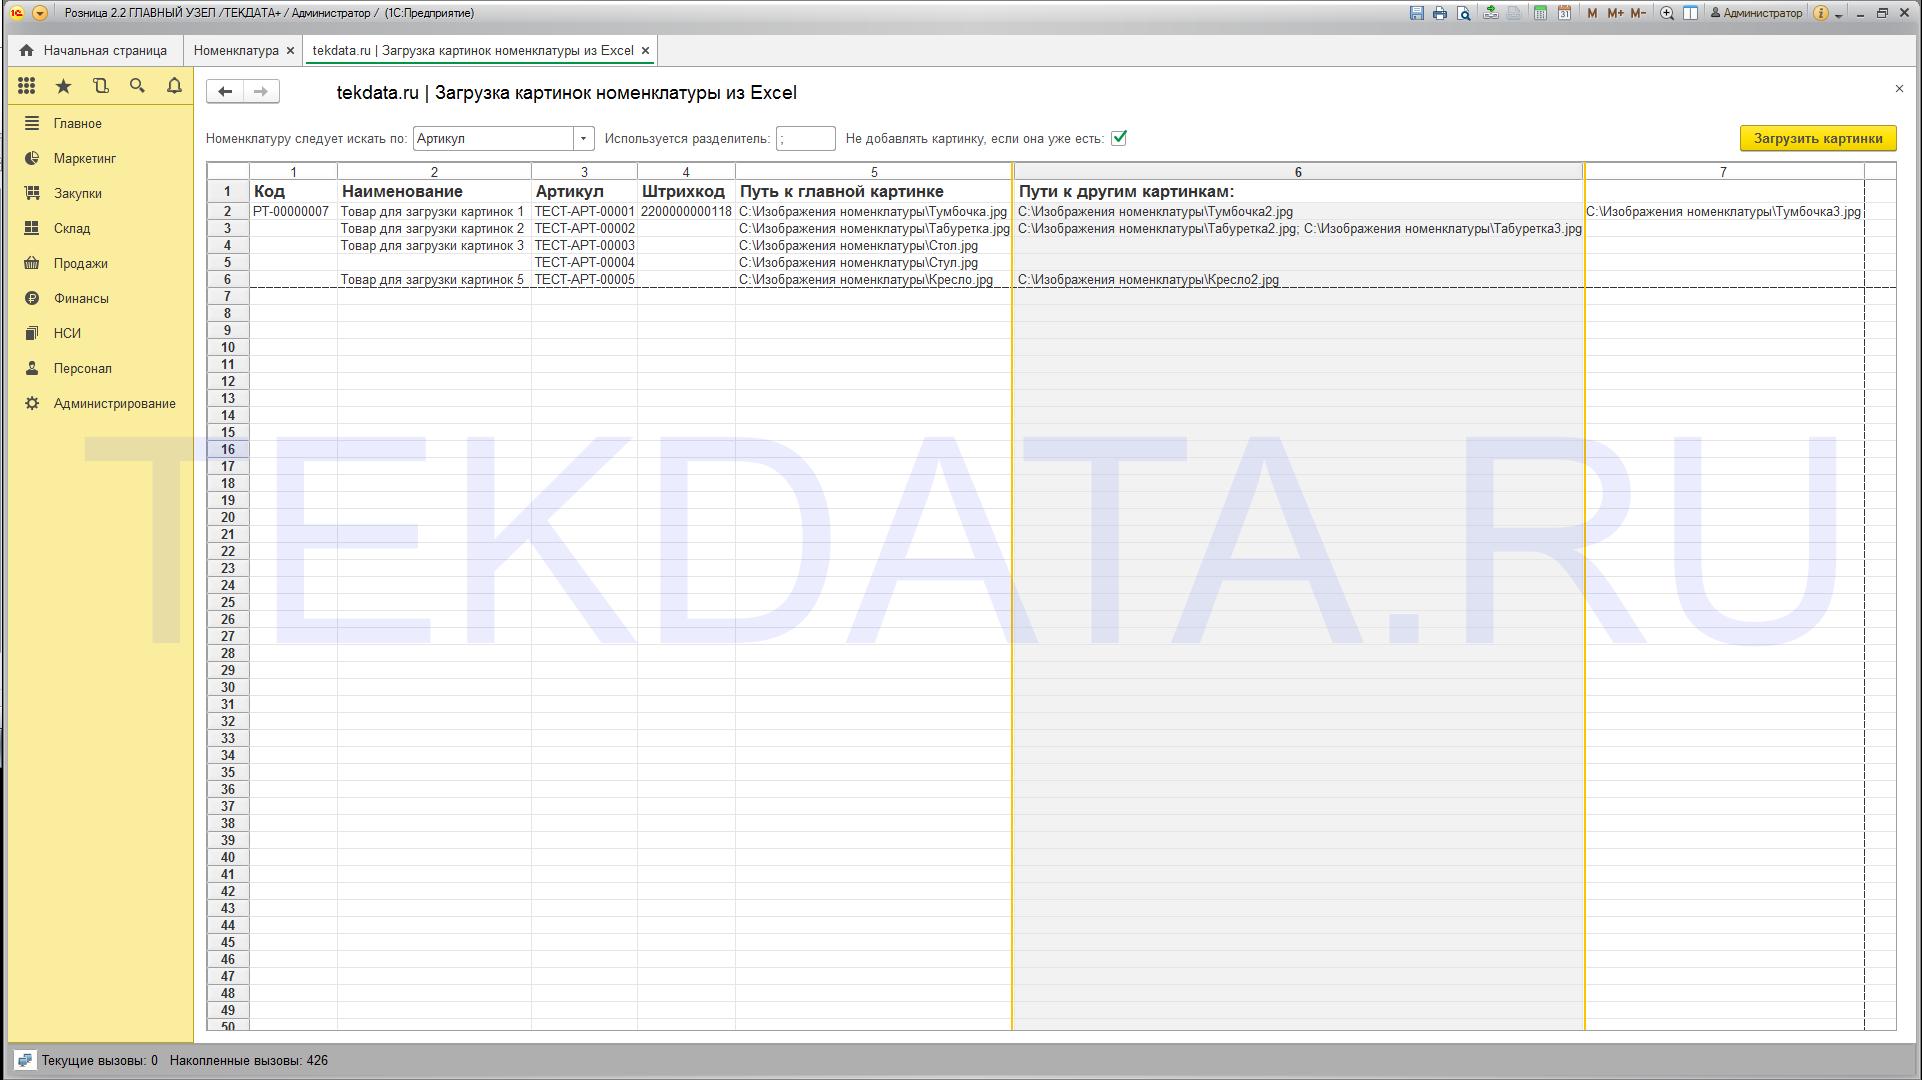 Загрузка картинок номенклатуры из Excel для Розница 2.2